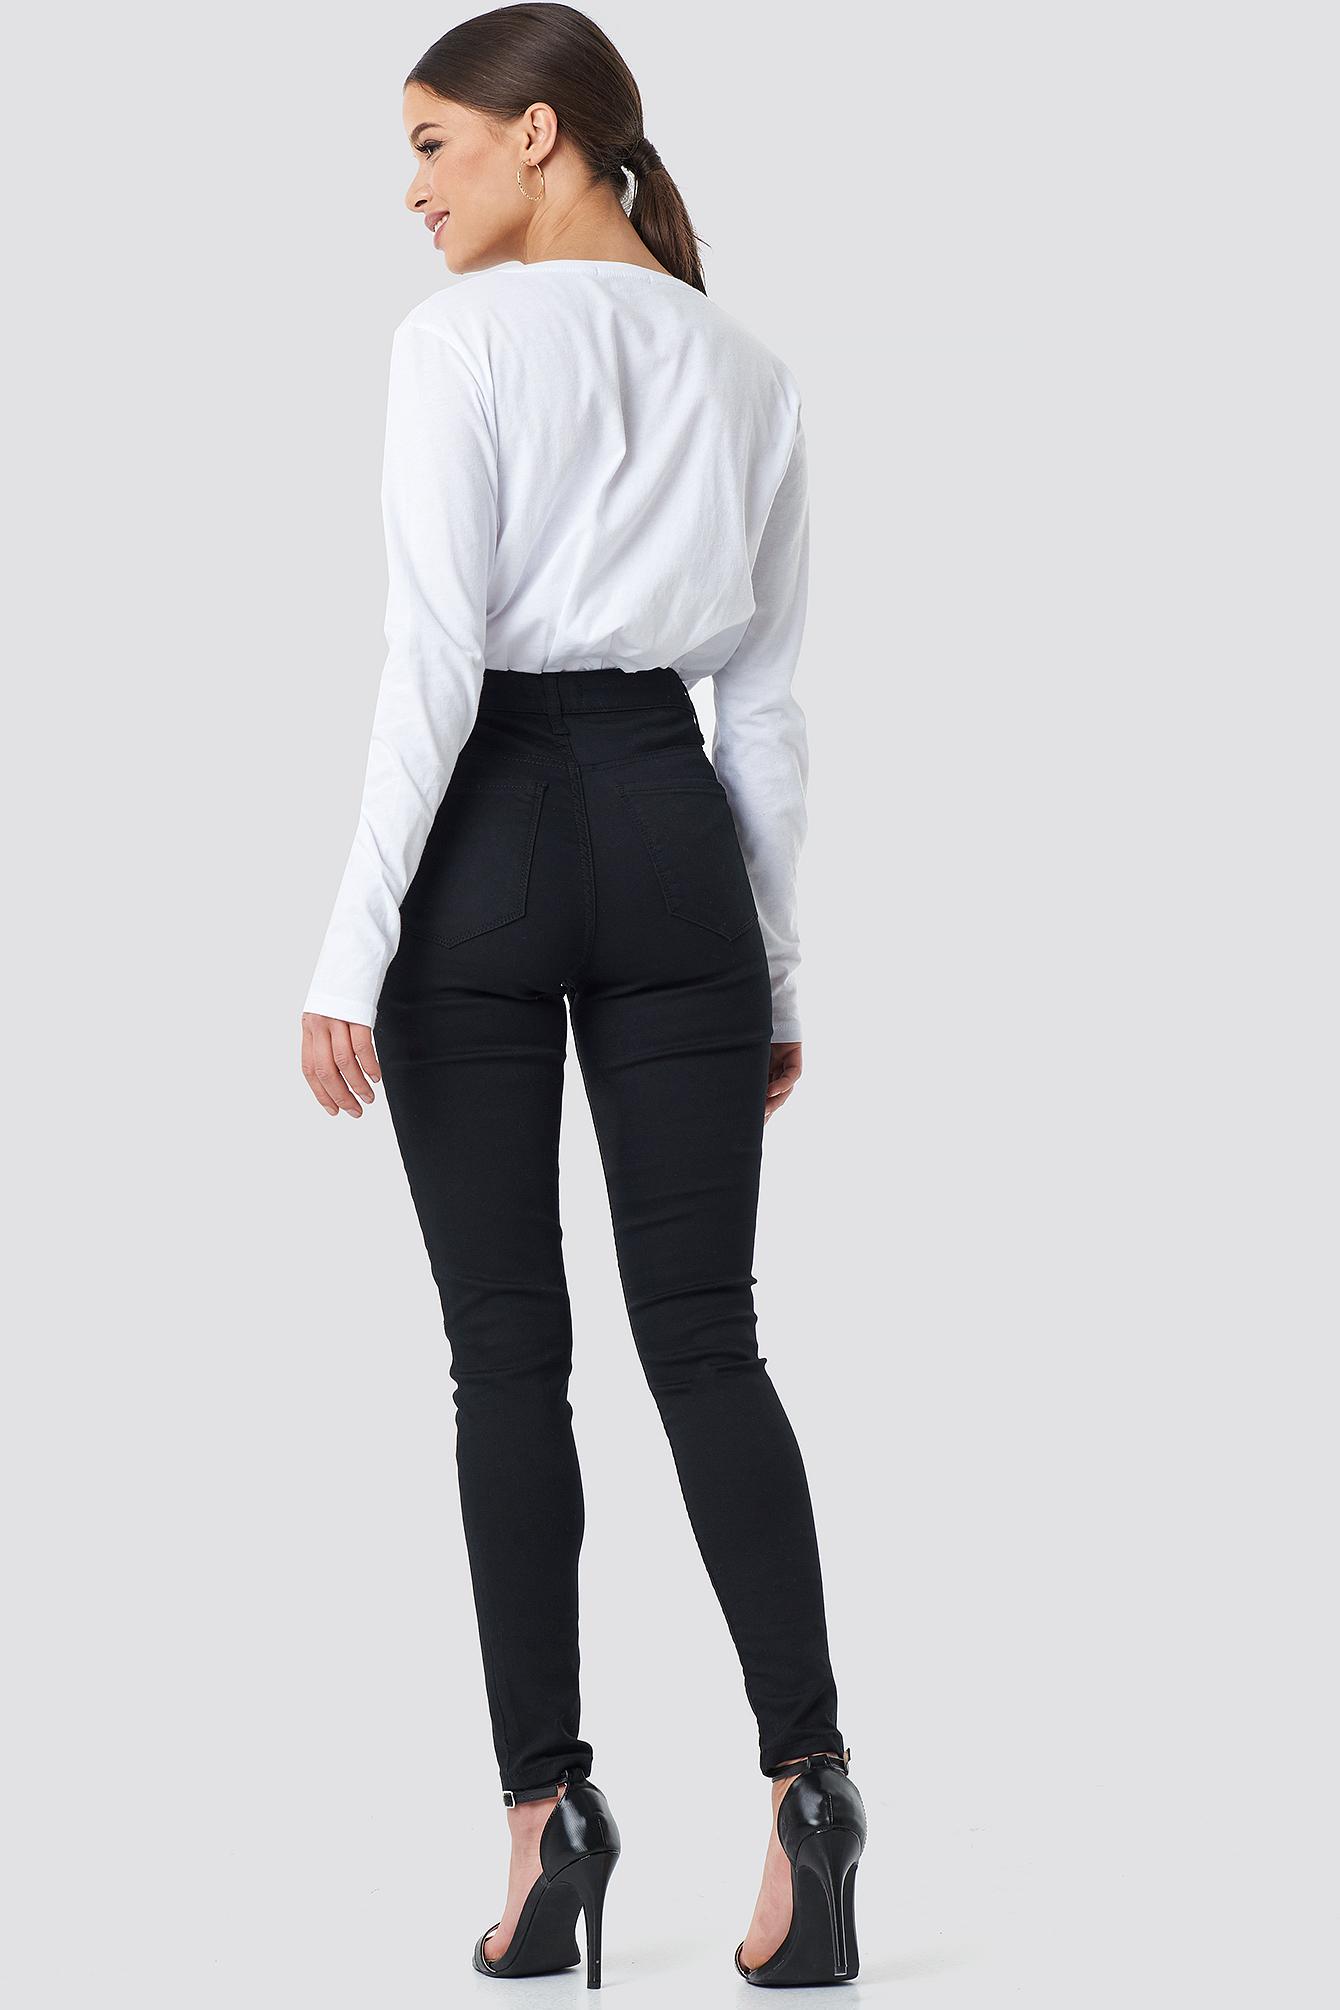 Ellen High Waist Pant NA-KD.COM